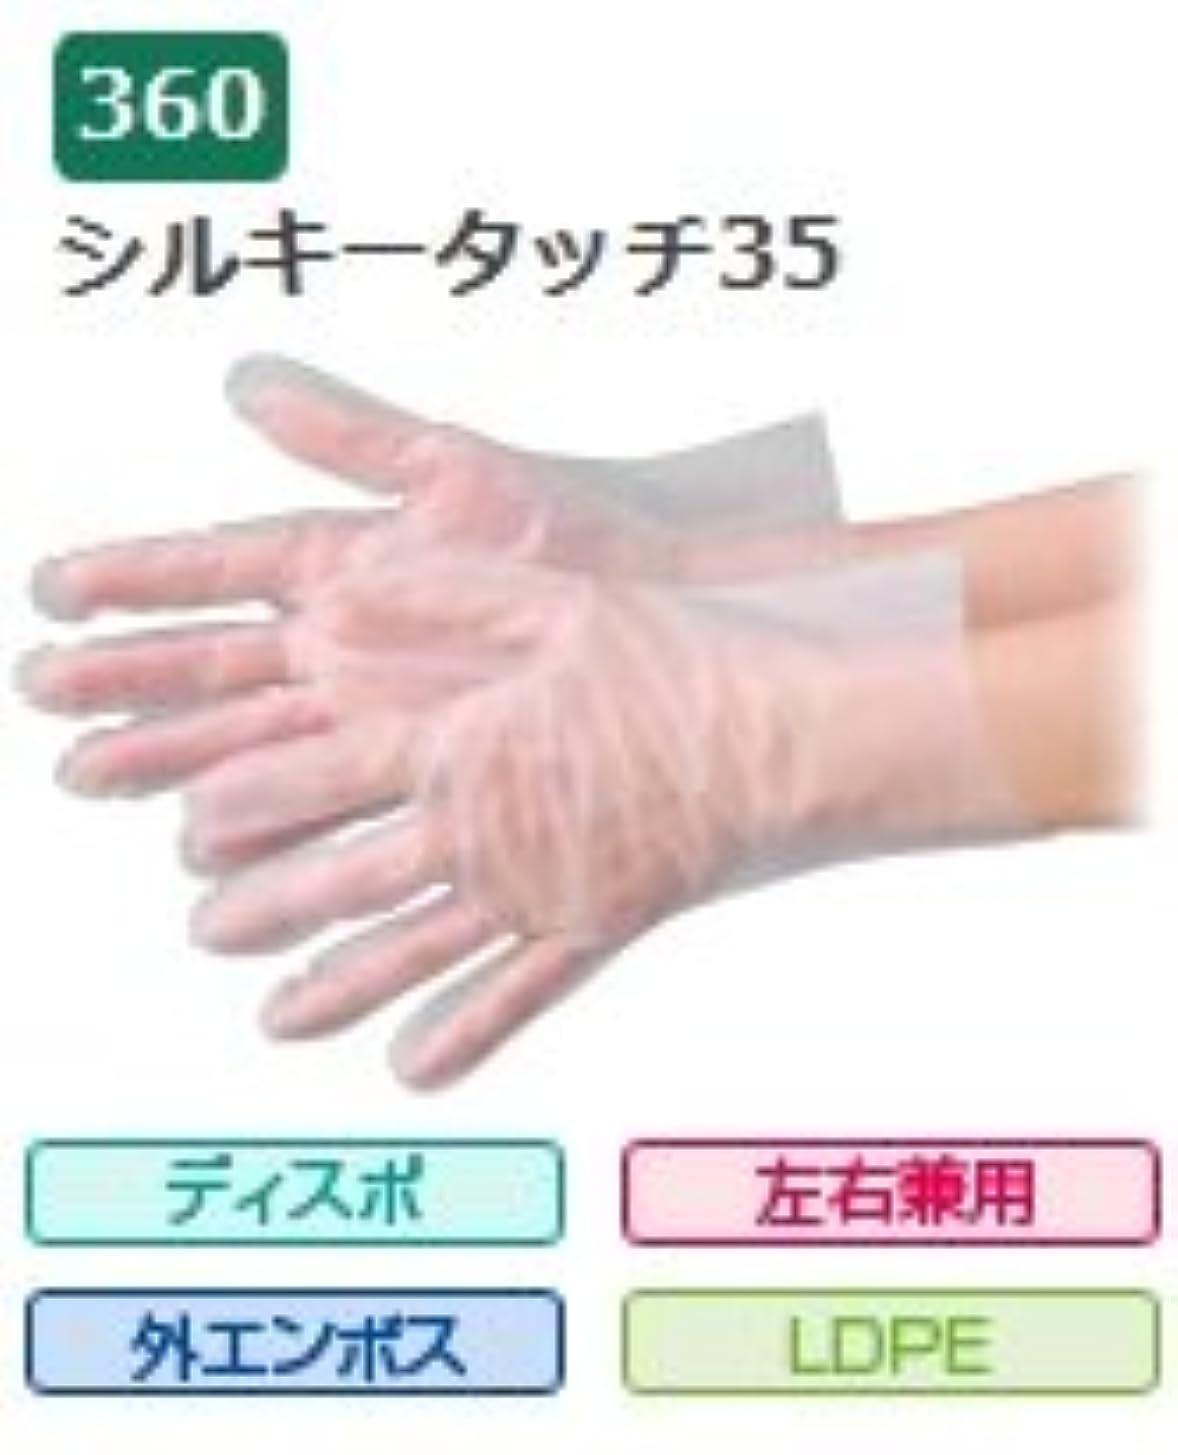 丁寧揺れる不安エブノ ポリエチレン手袋 No.360 S 半透明 (100枚×50袋) シルキータッチ35 袋入